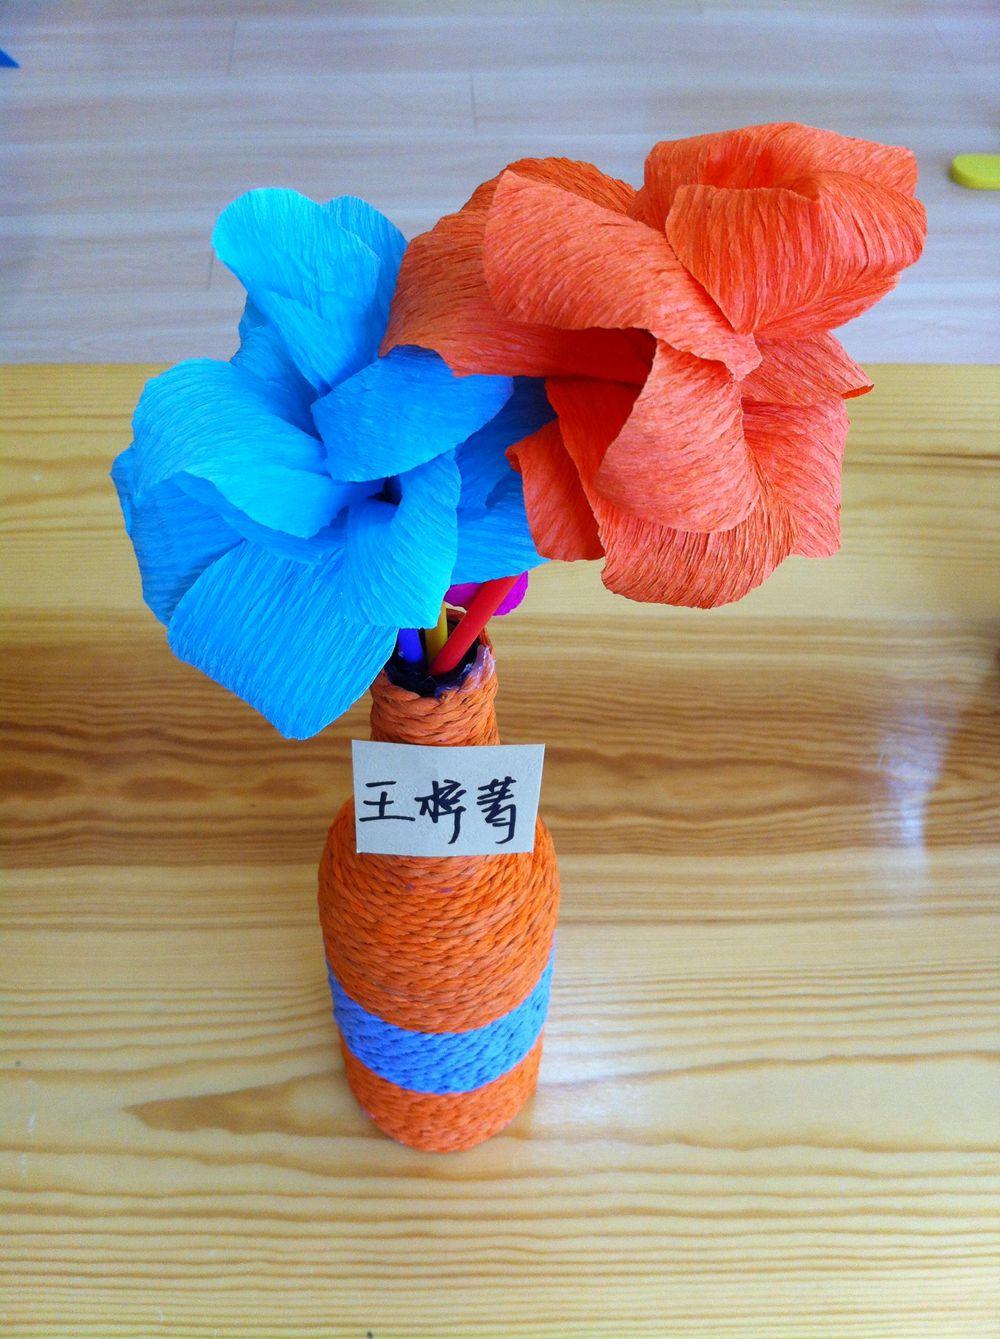 教师节的礼物图片